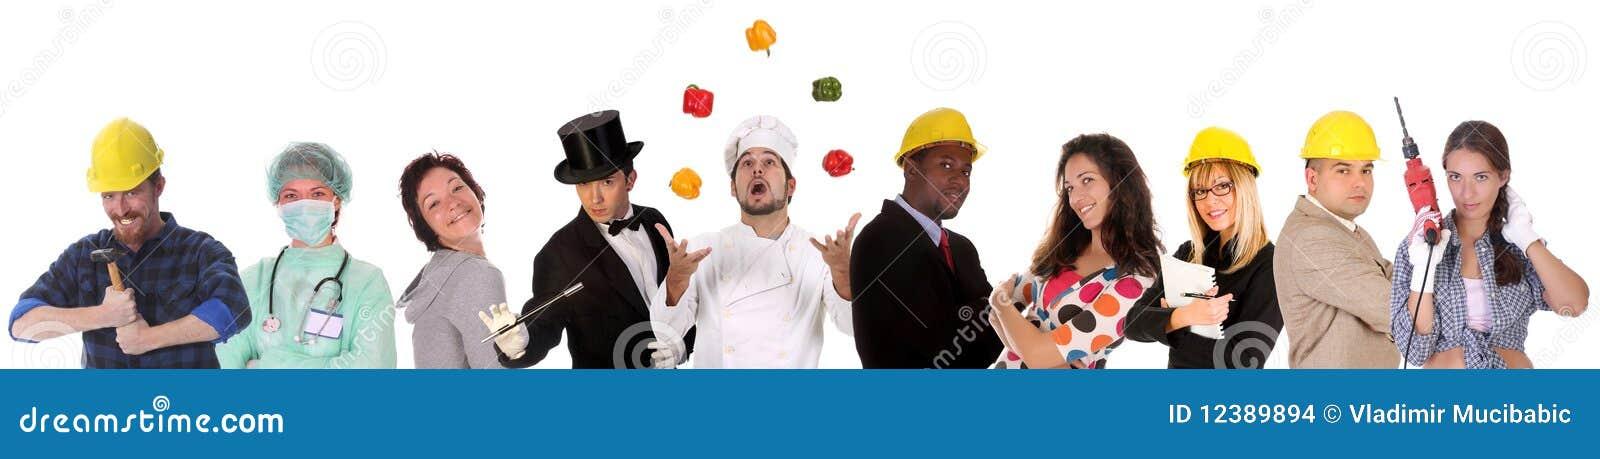 работники людей группы разнообразности большие